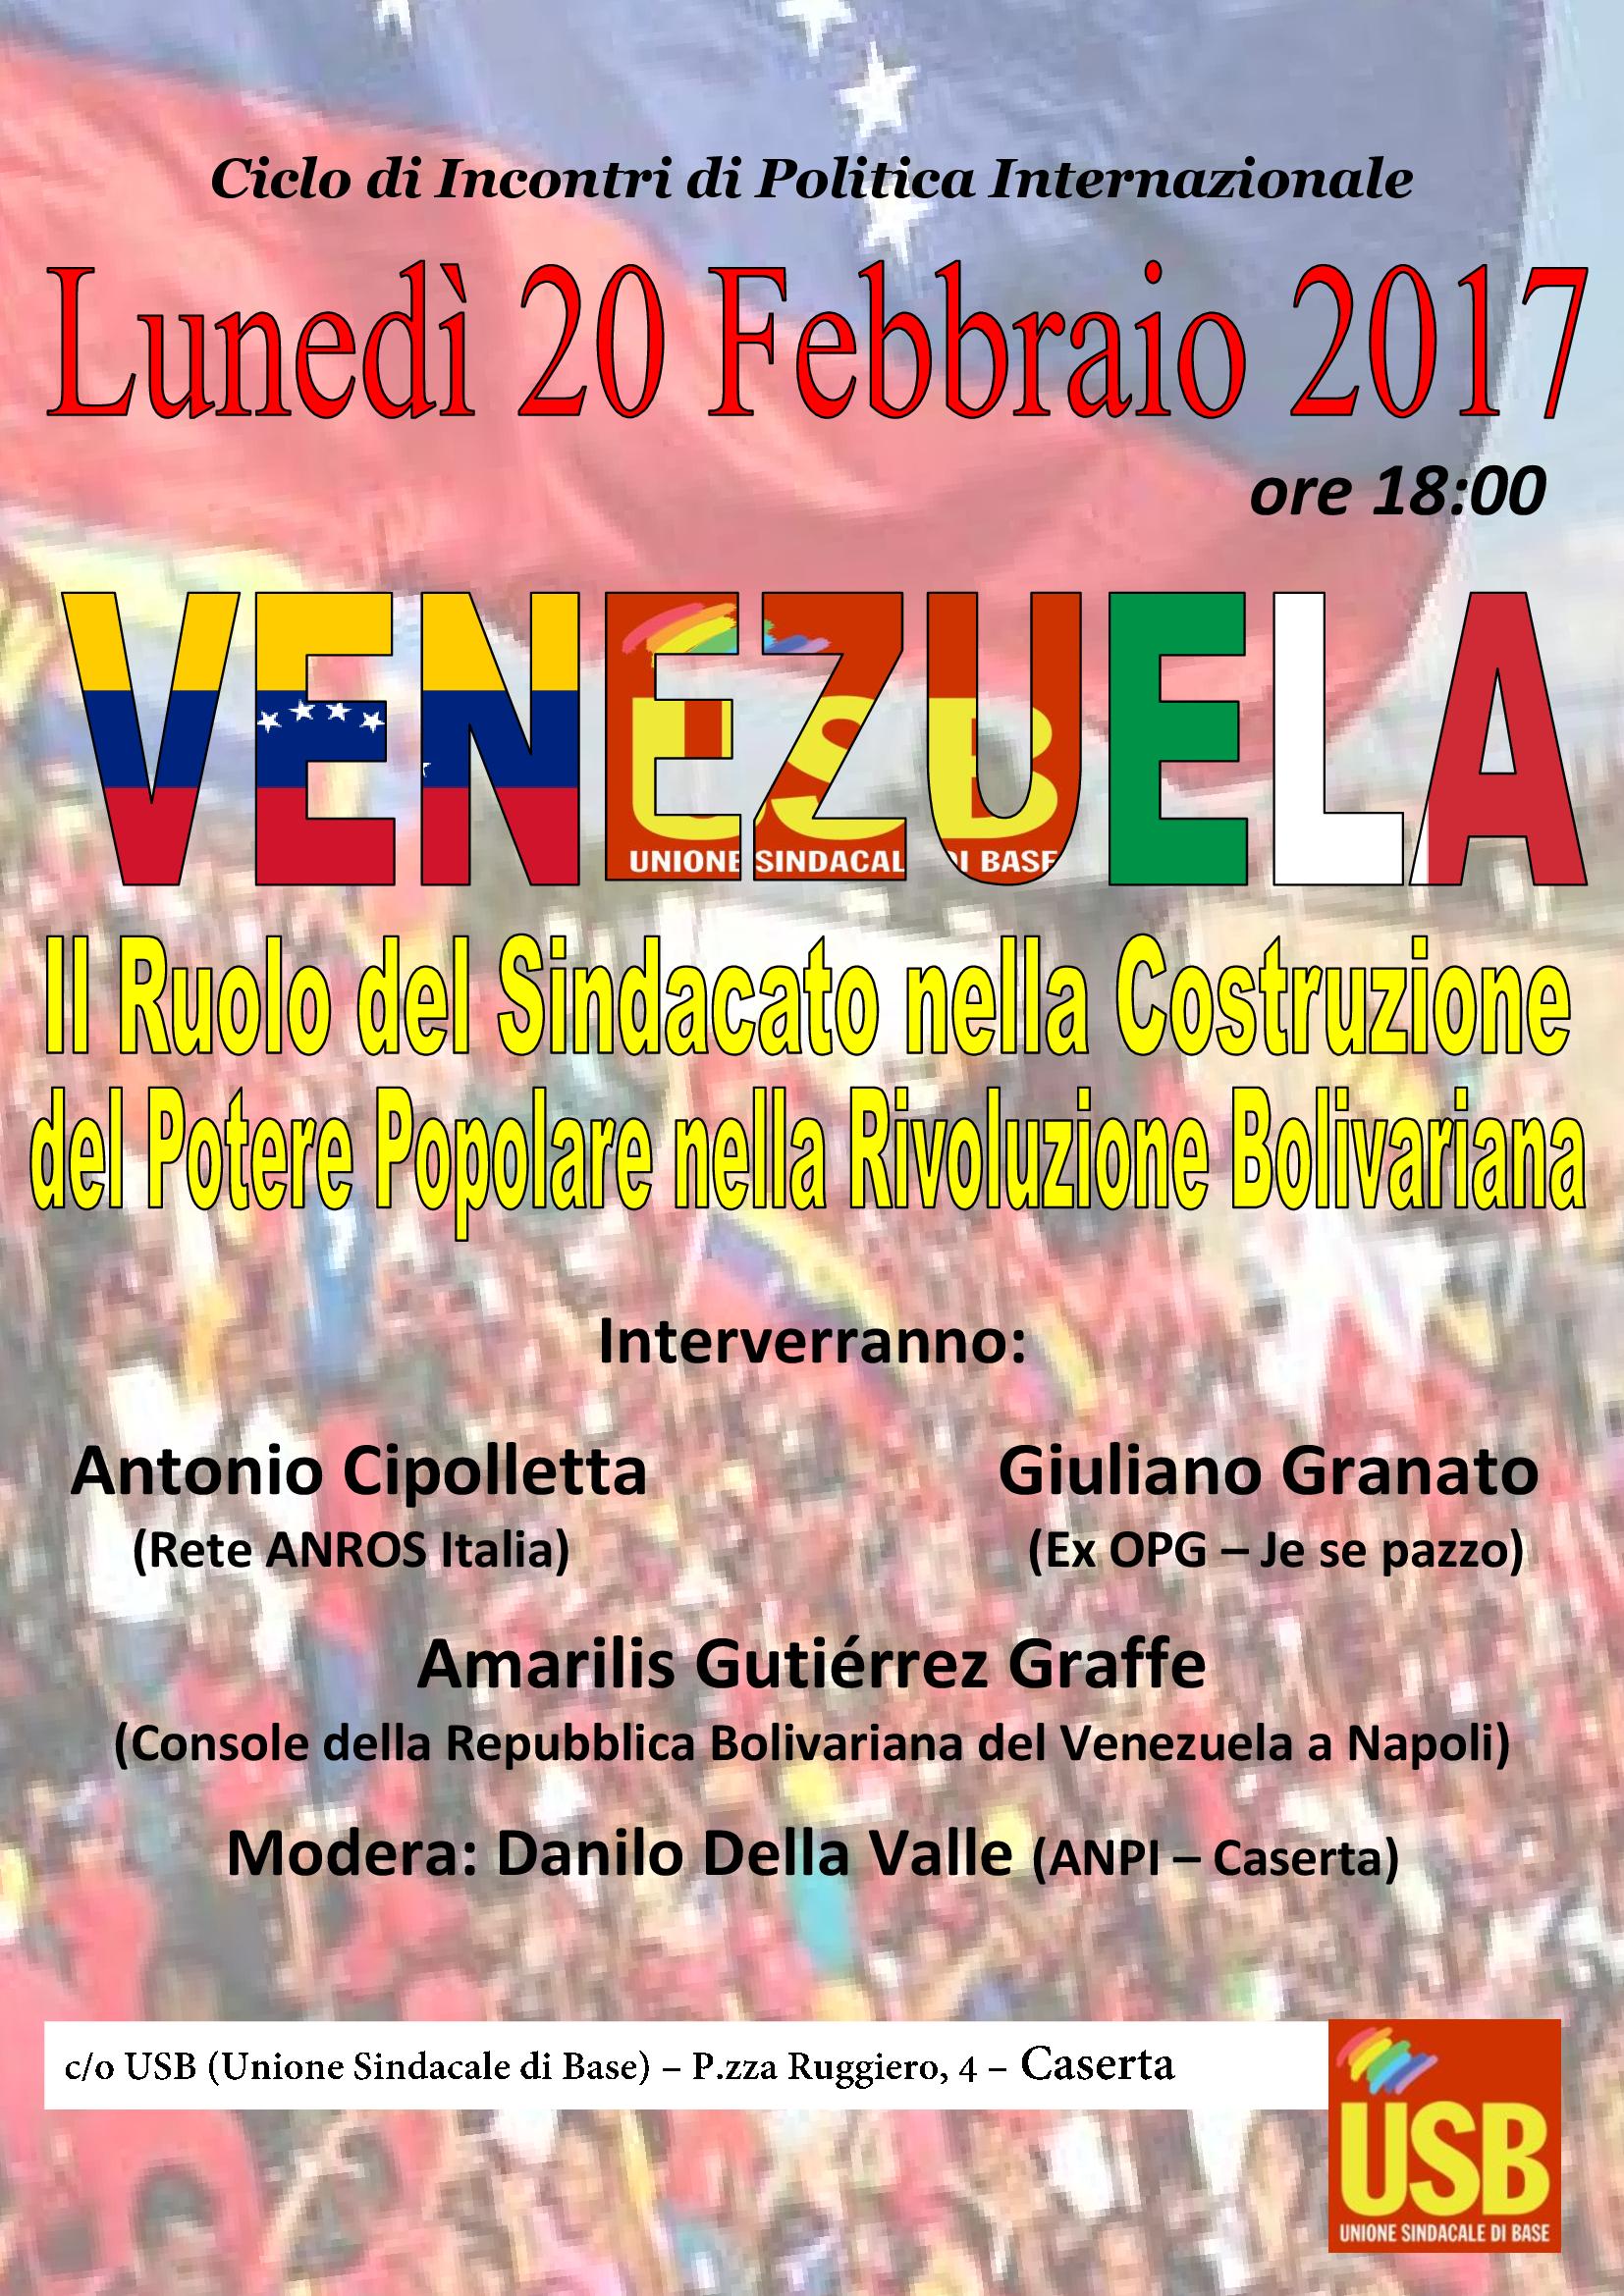 Venezuela sito di incontri cosa dire quando si invia un messaggio su un sito di incontri